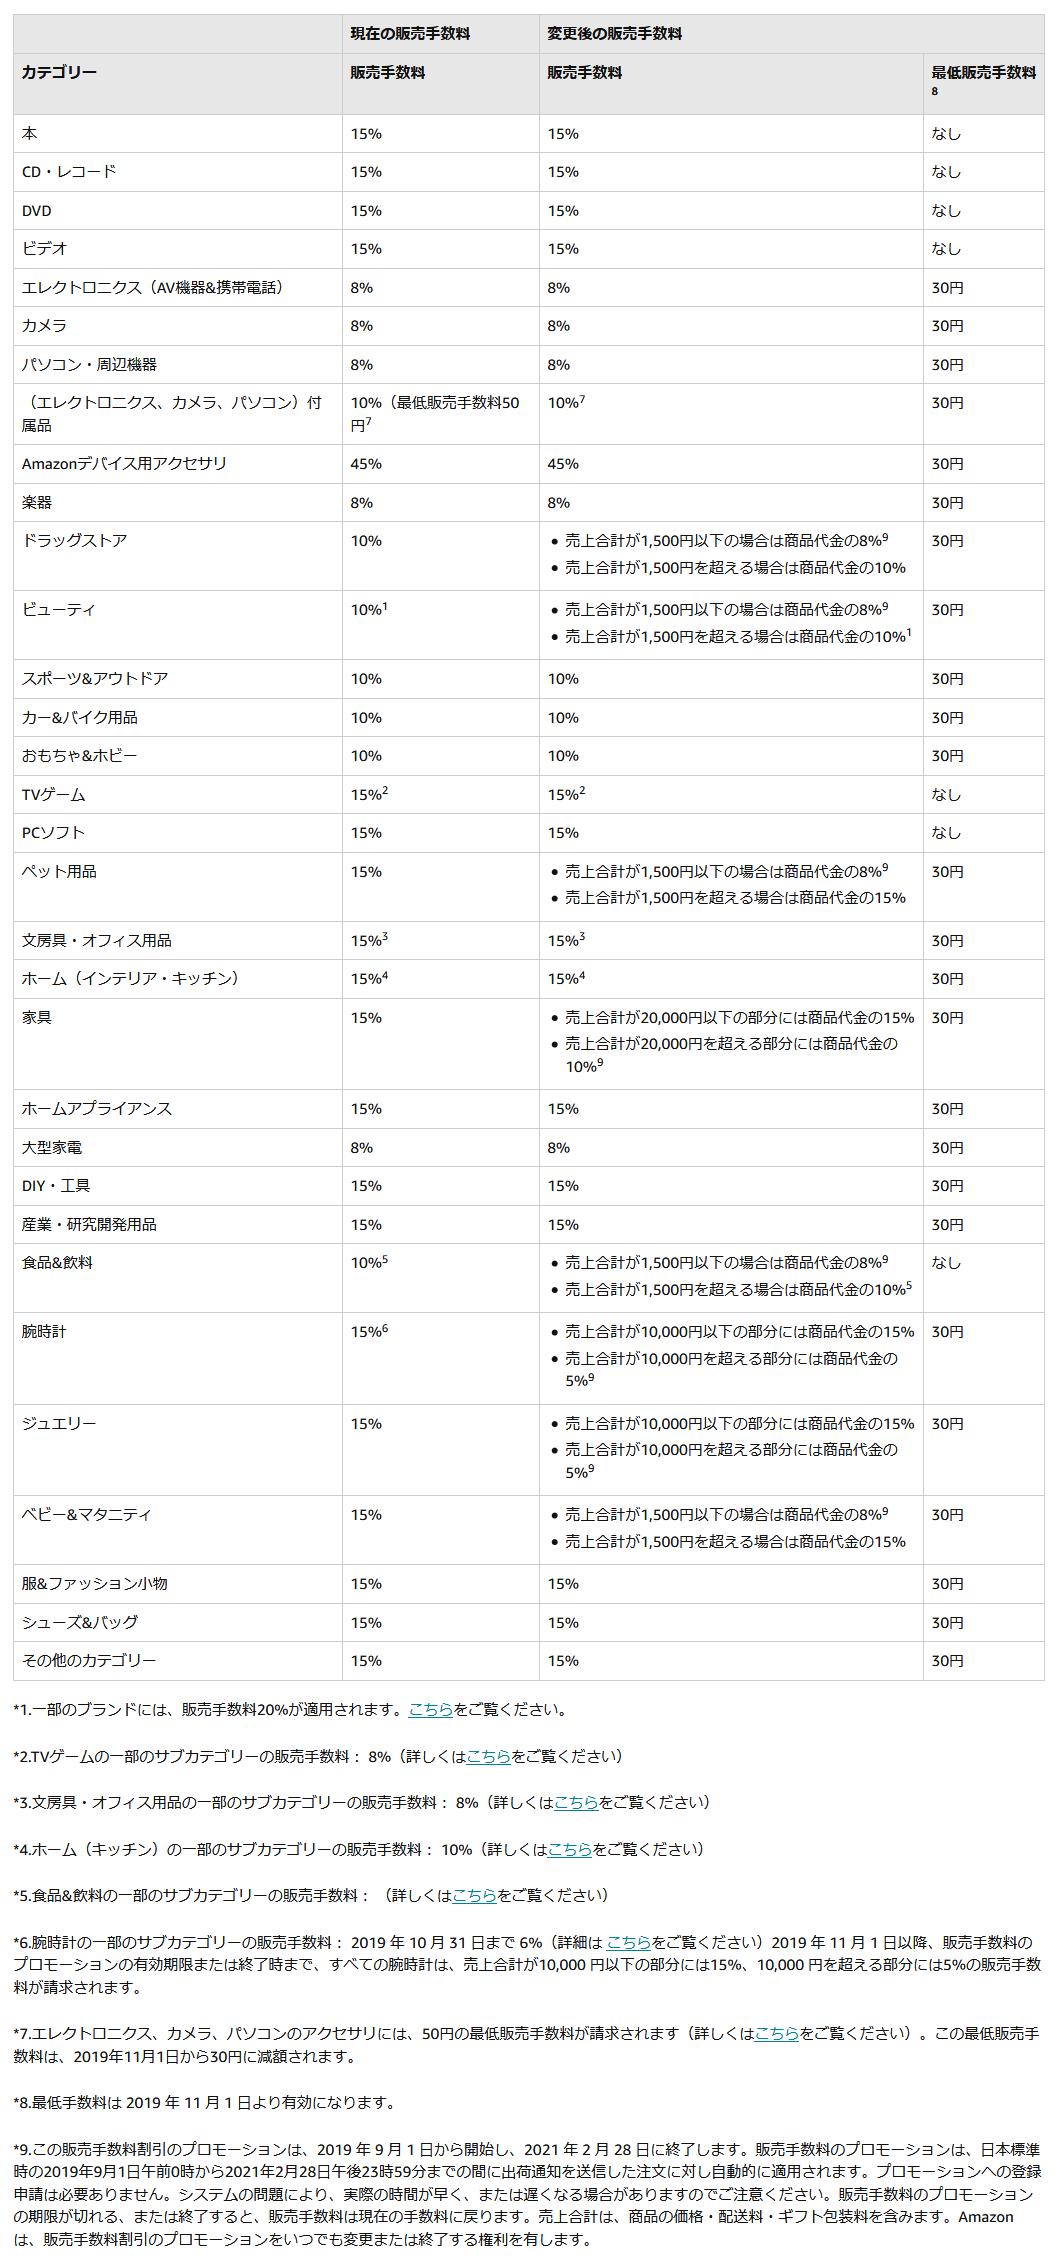 Amazon出品・販売手数料一覧